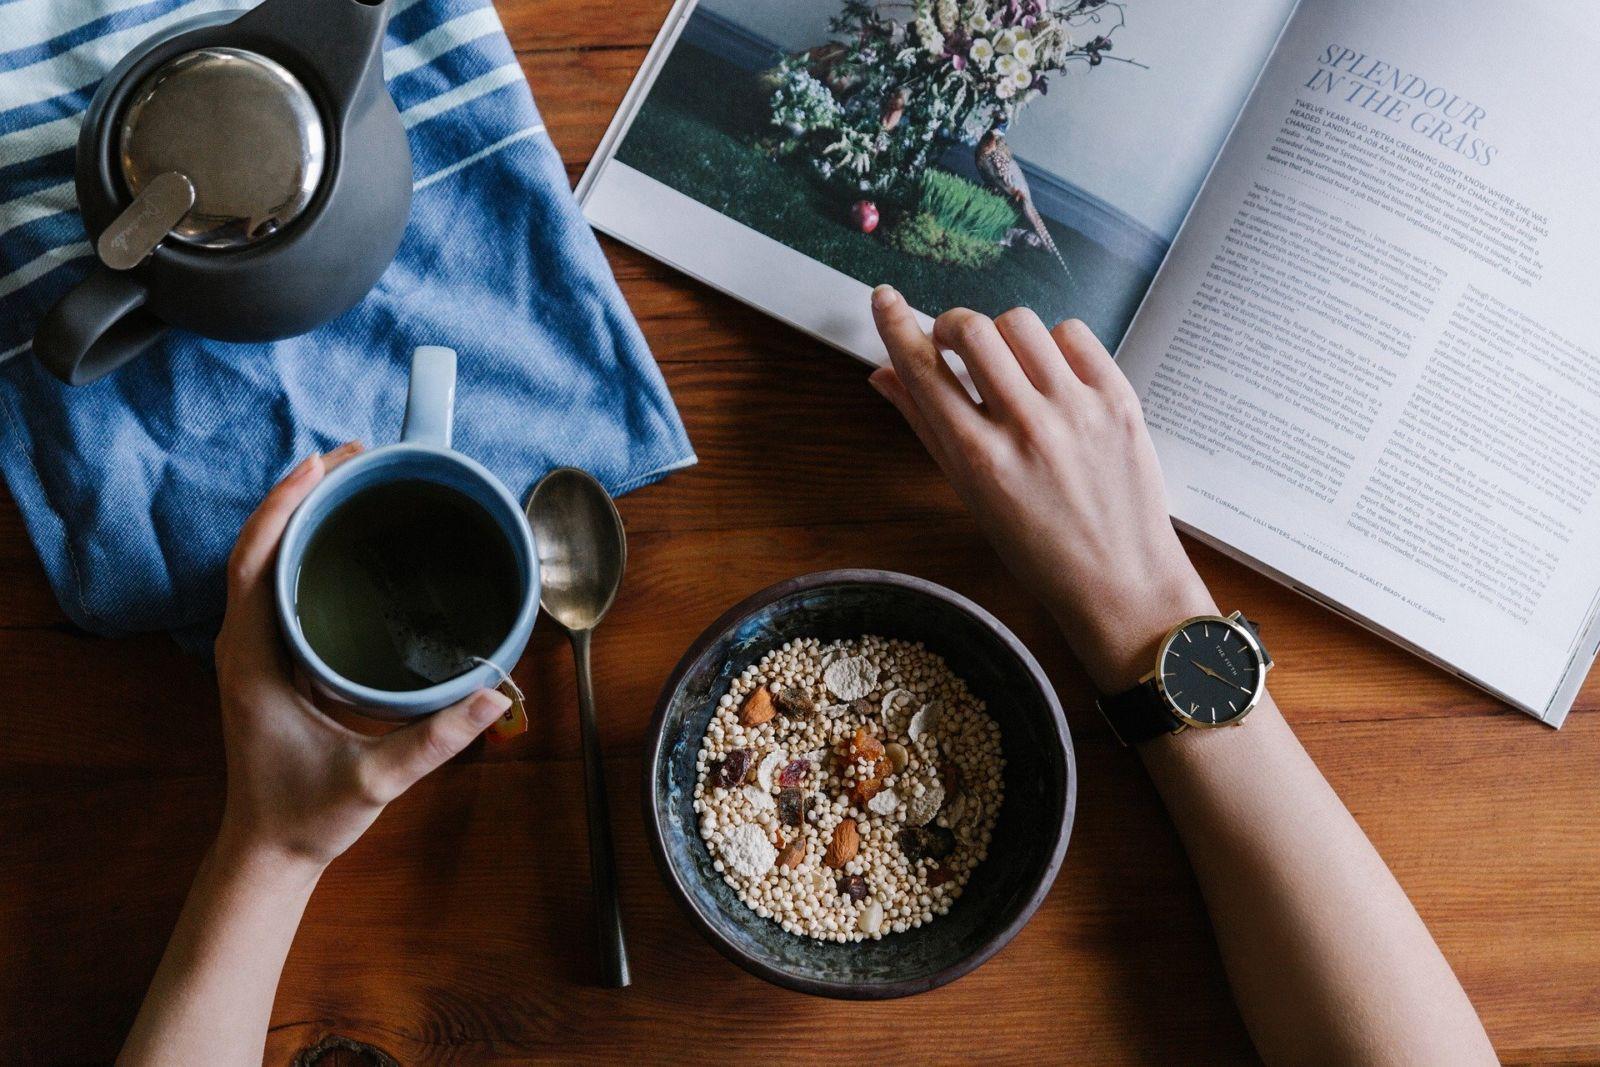 afslanken zonder dieet maand 4